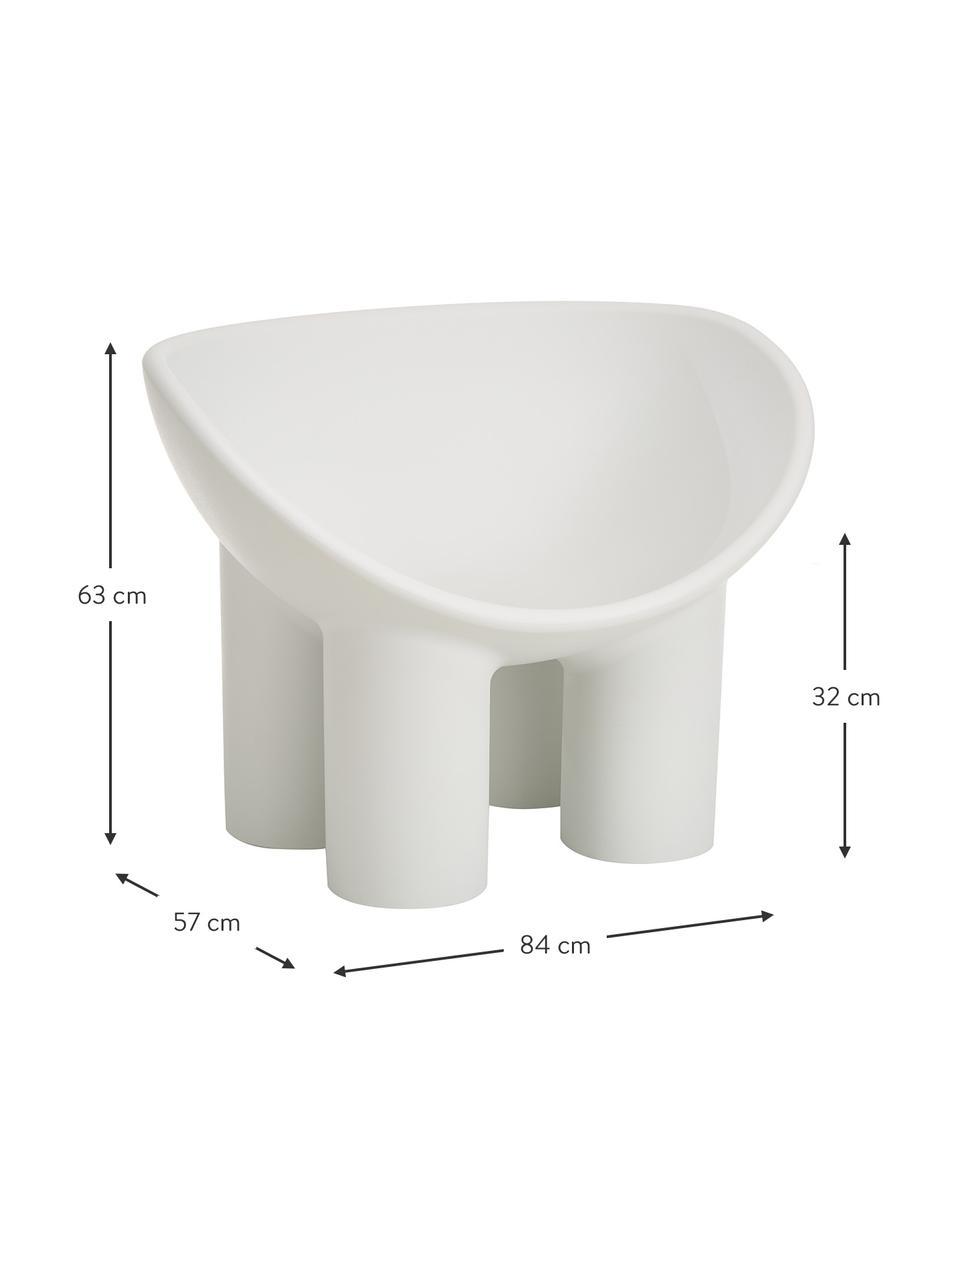 Fotel Roly Poly, Polietylen, wyprodukowany formowaniem rotacyjnym, Jasny szary, S 84 x G 57 cm